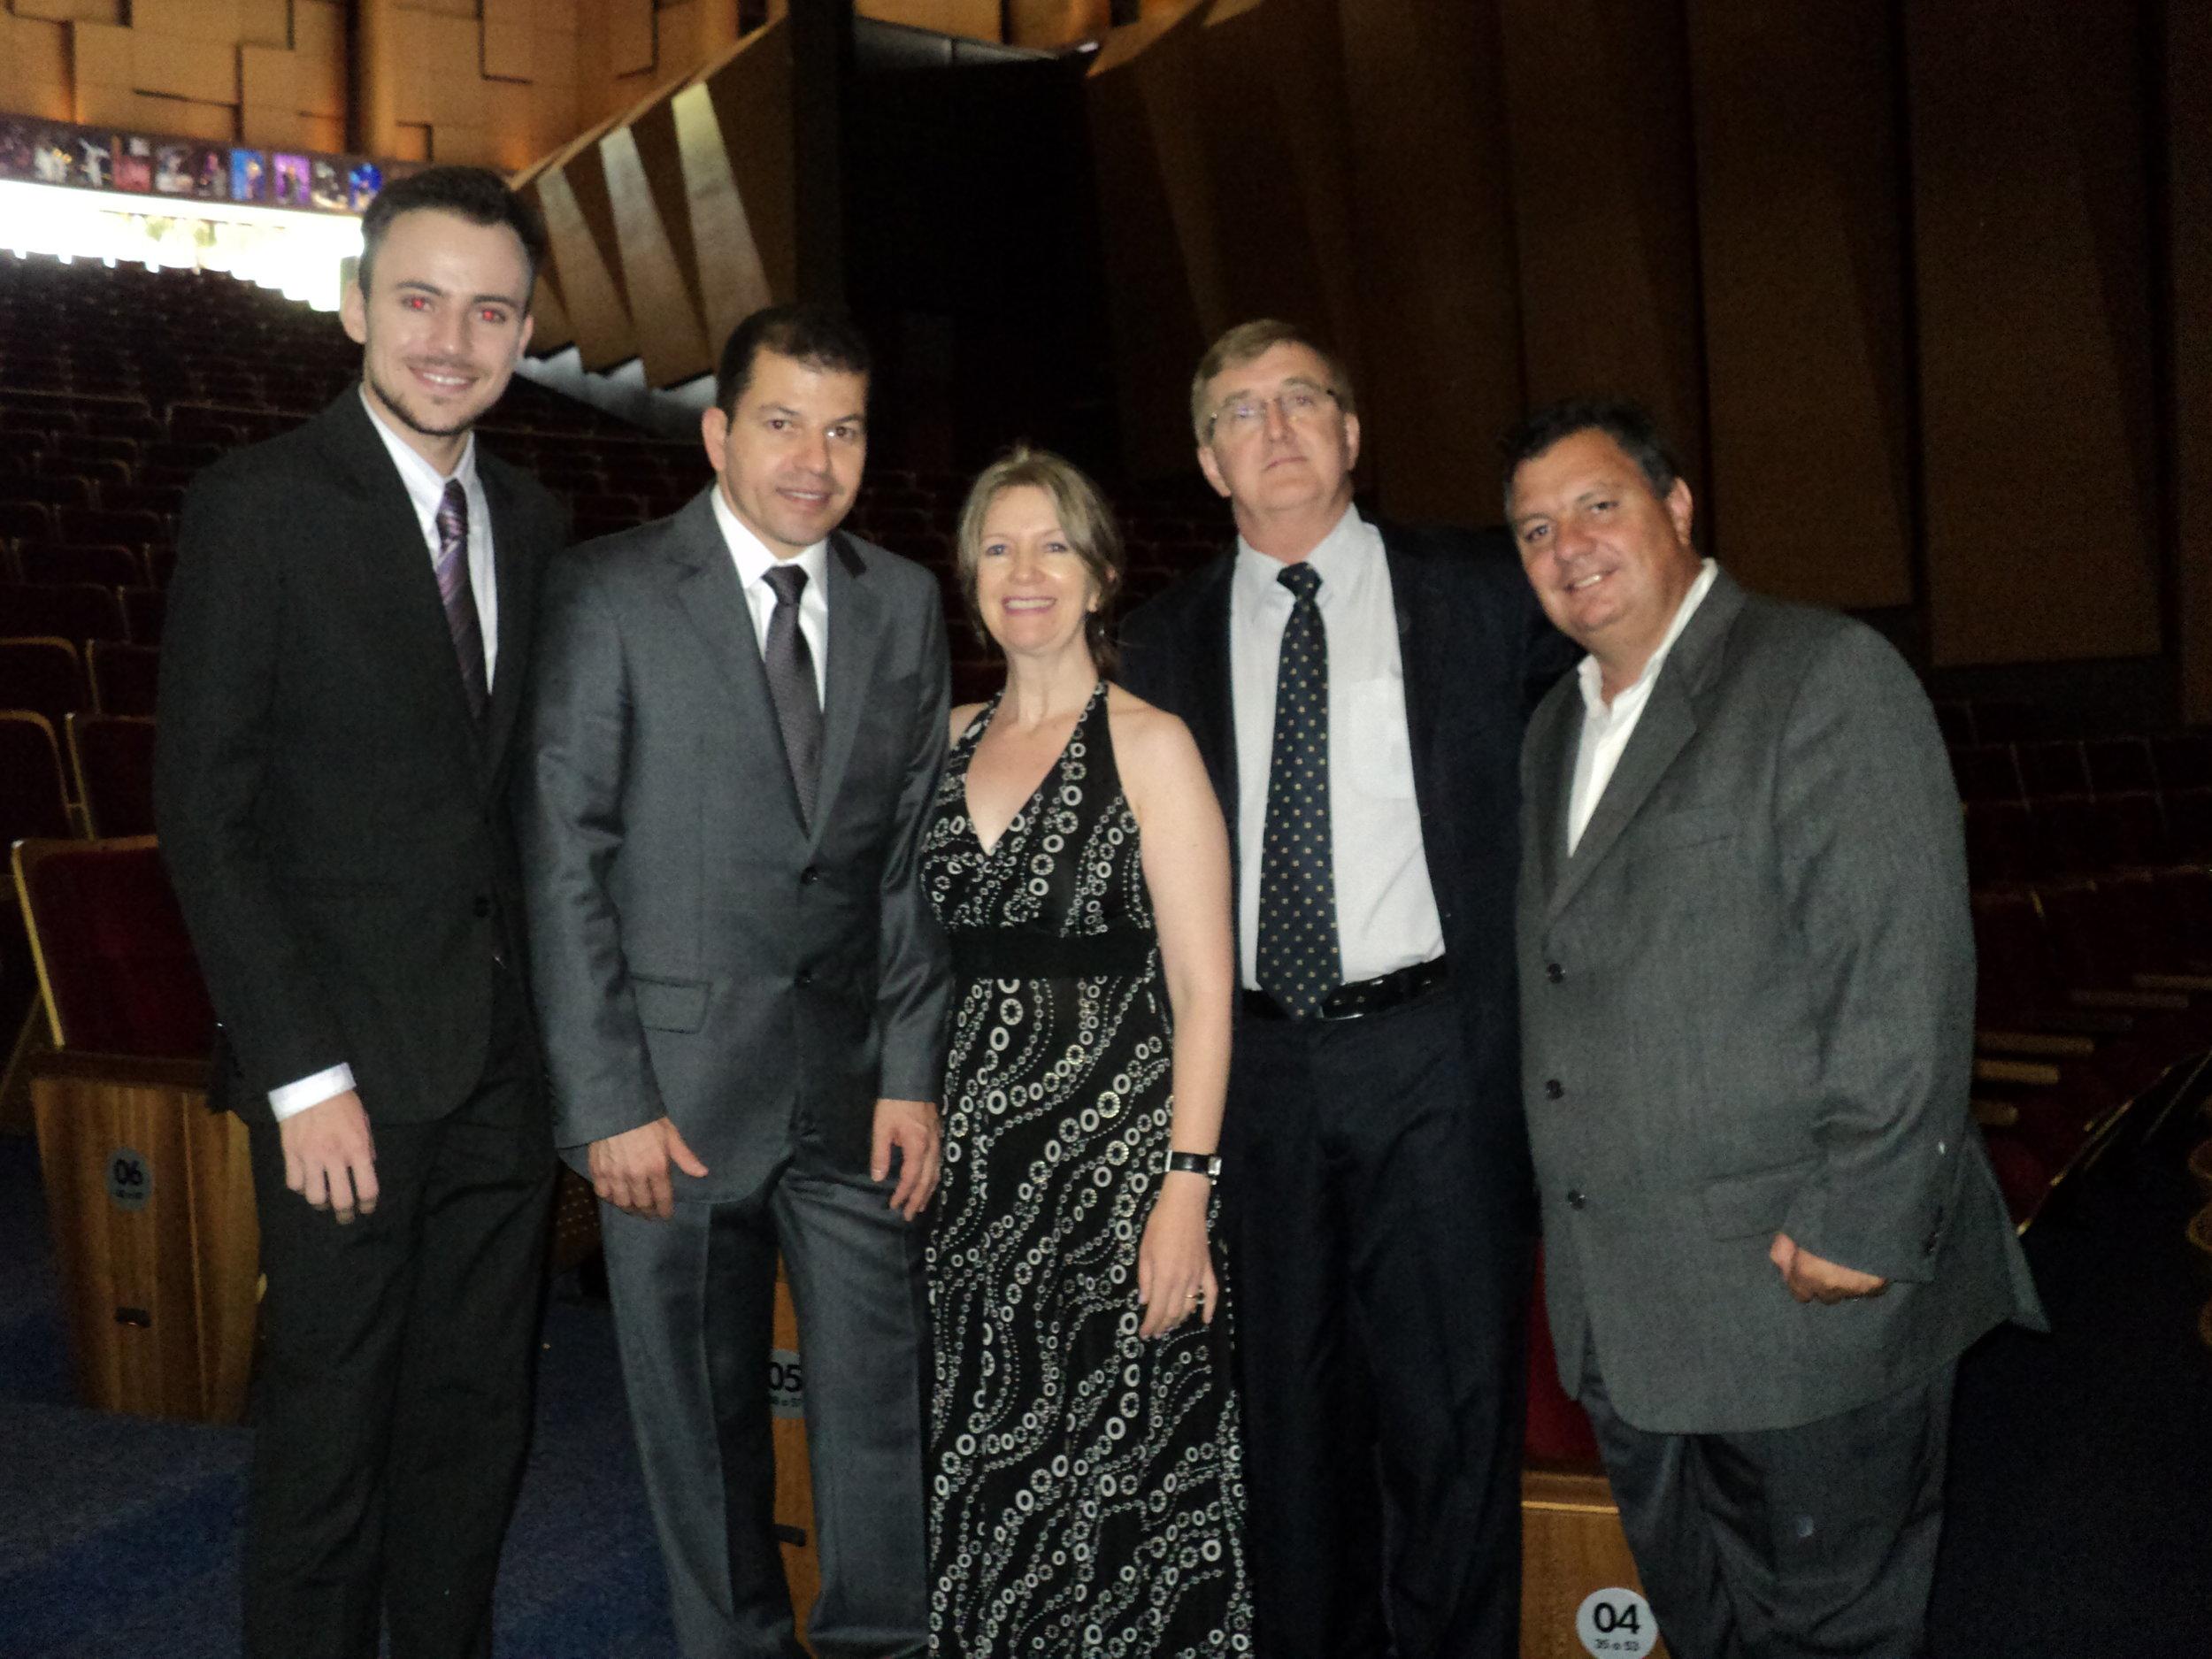 Diplomação Vereador 2012 - Teatro Positivo 18.12 (16).JPG